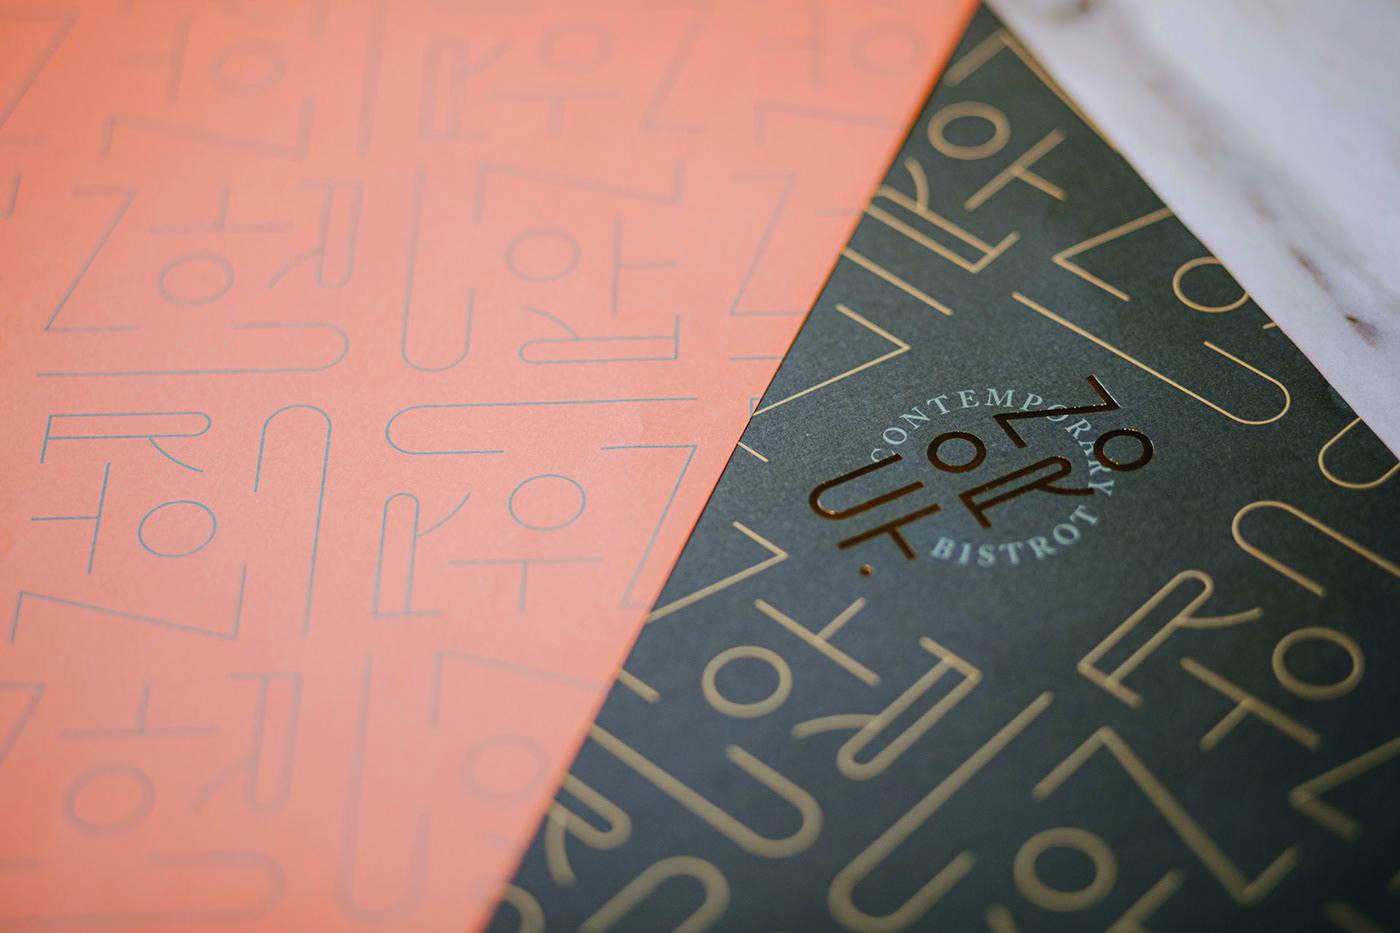 bar Bistrot branding  cocktail gourmet identity lettering logo Packaging restaurant